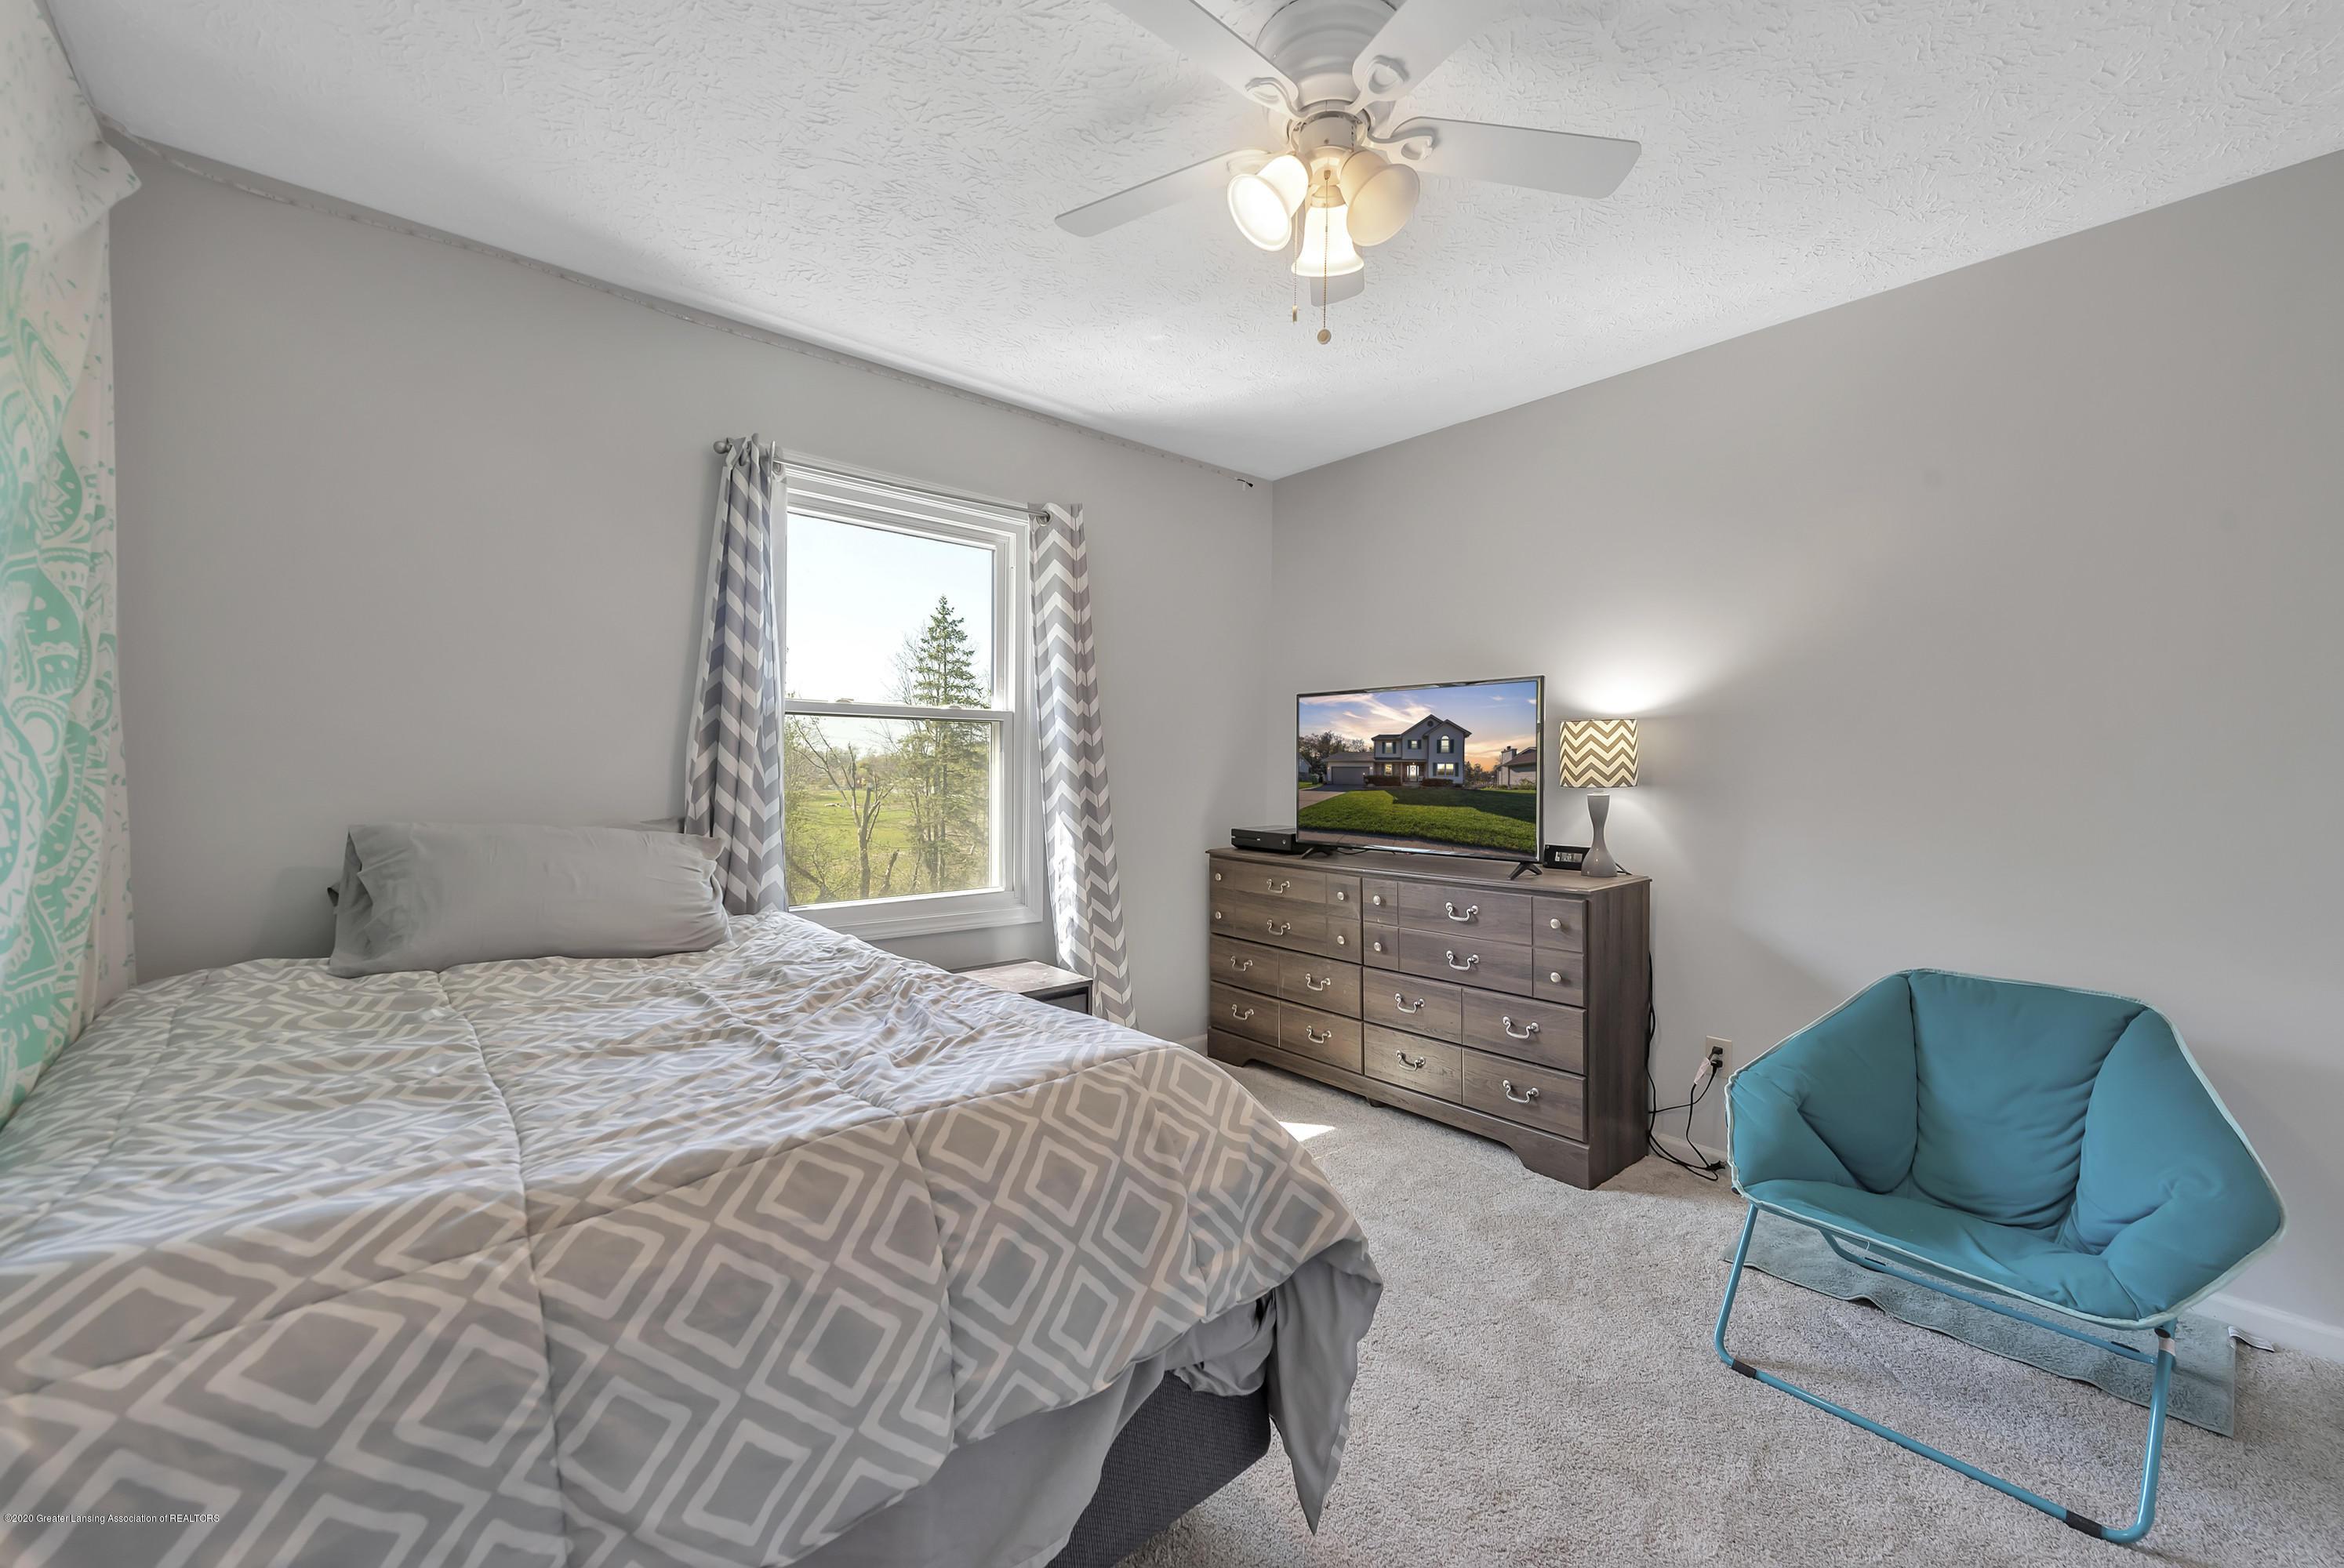 5575 Canoga Ln - Bedroom - 19